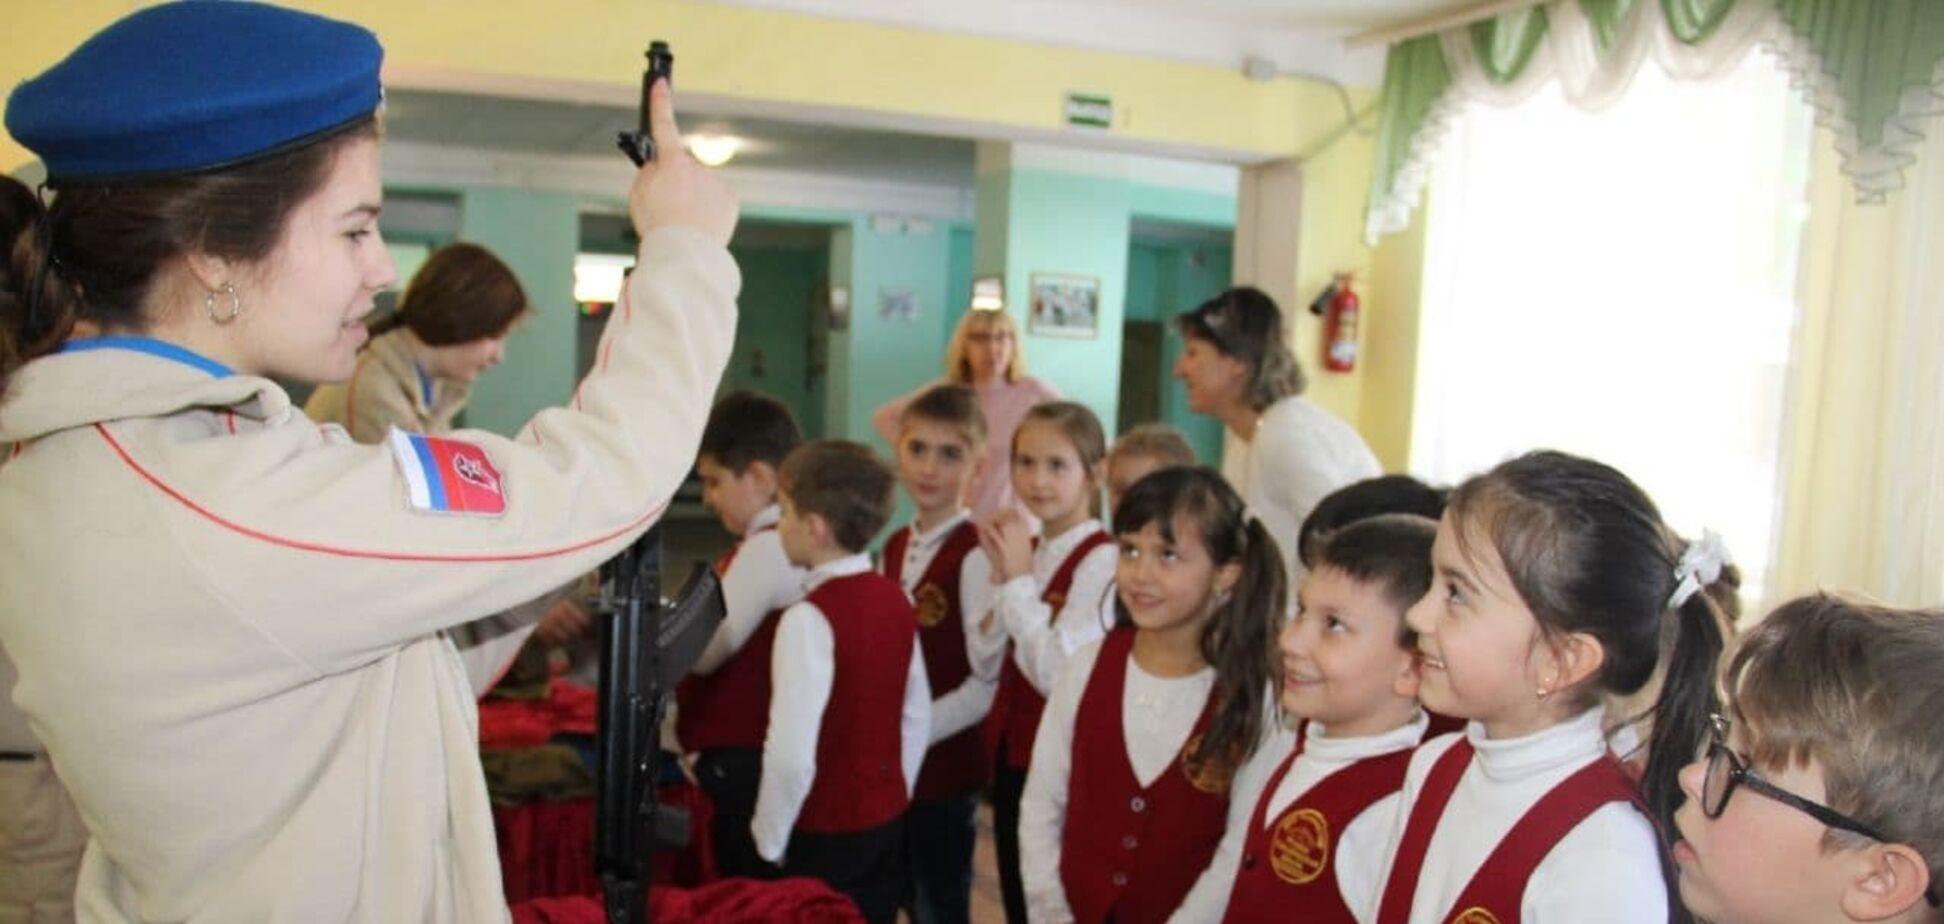 Збори мілітаристської організації 'Юнармія' у Криму